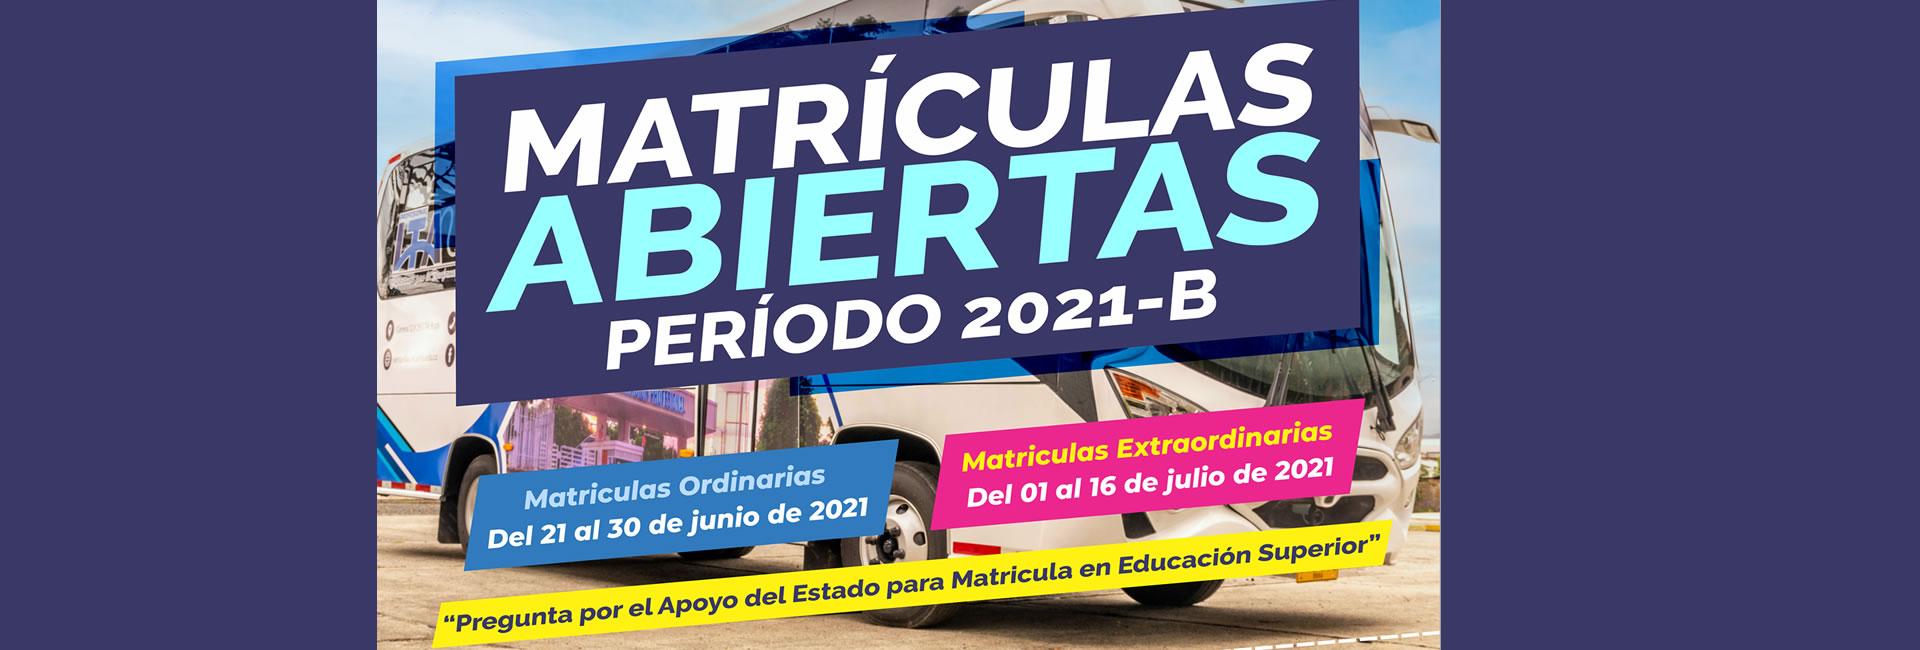 Inscripciones abierta 2021B